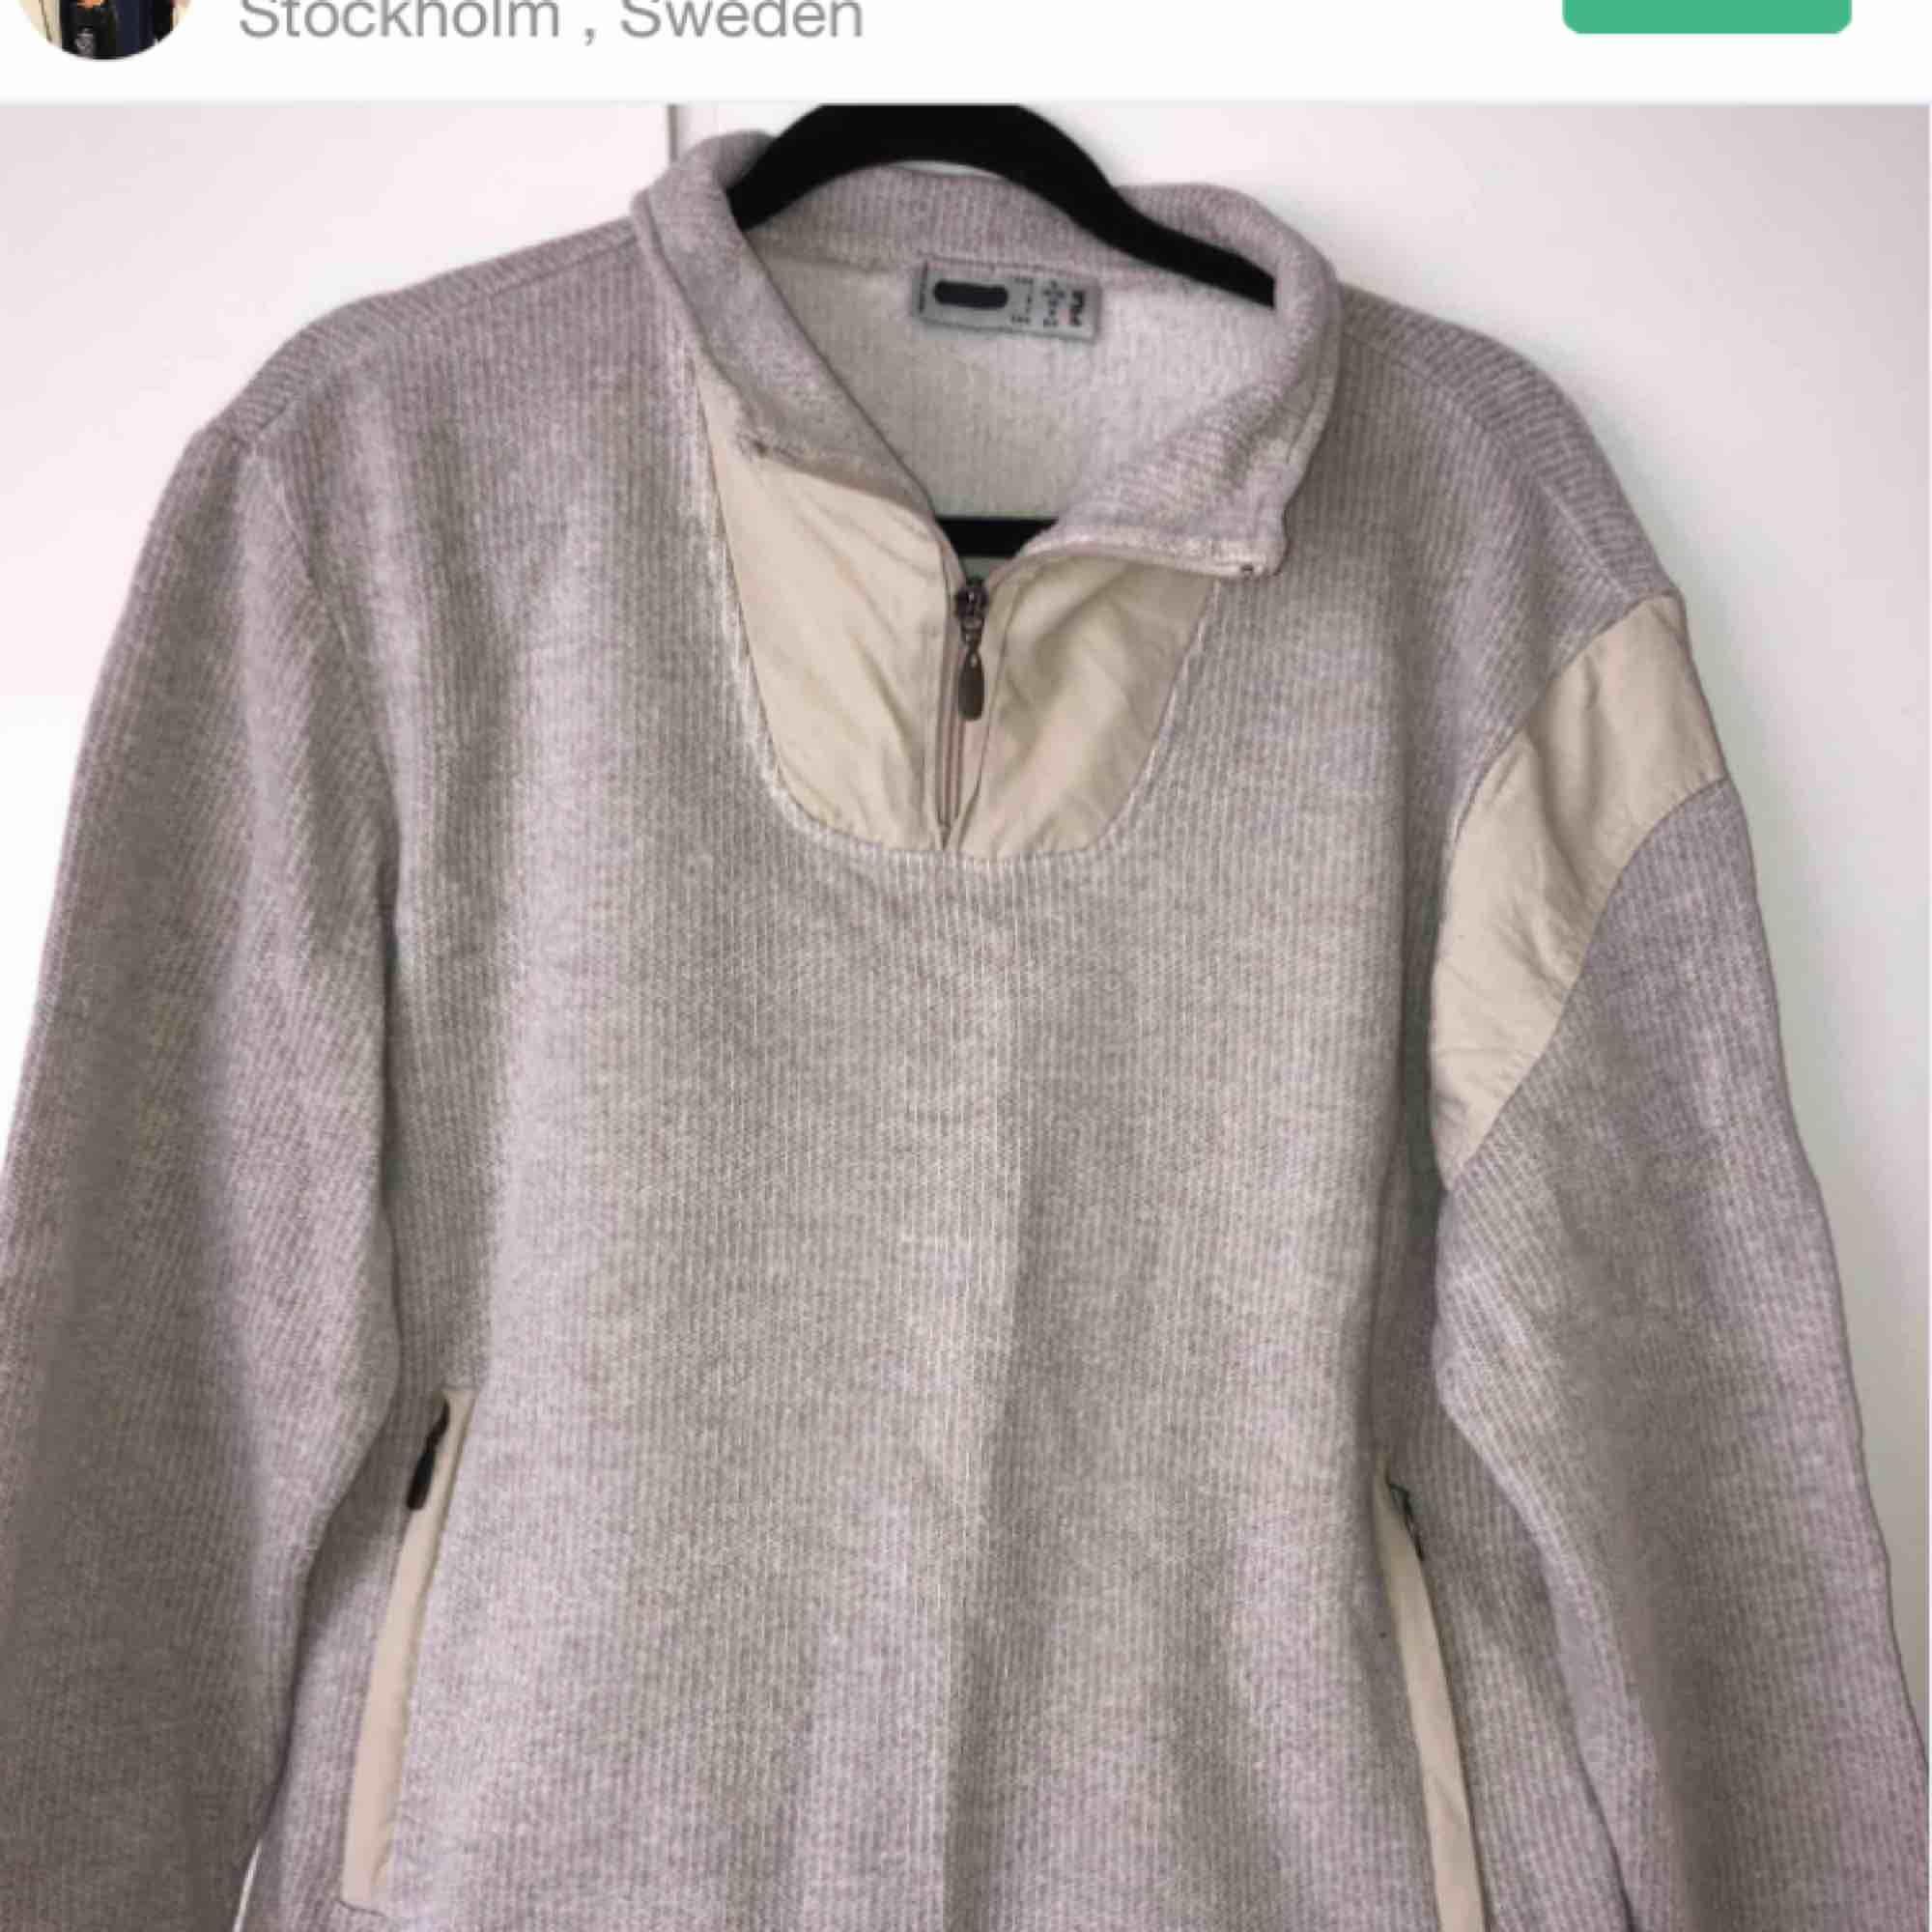 Denna fina fila tröjan har jag köpt här på plick och använt den ett par gånger men vill sälja den nu för har inte använt den på senaste tiden. Väldigt mysig och skön. Pris och frakt kan diskuteras. Skriv för mer (inte mina bilder) info 😊🥰. Huvtröjor & Träningströjor.